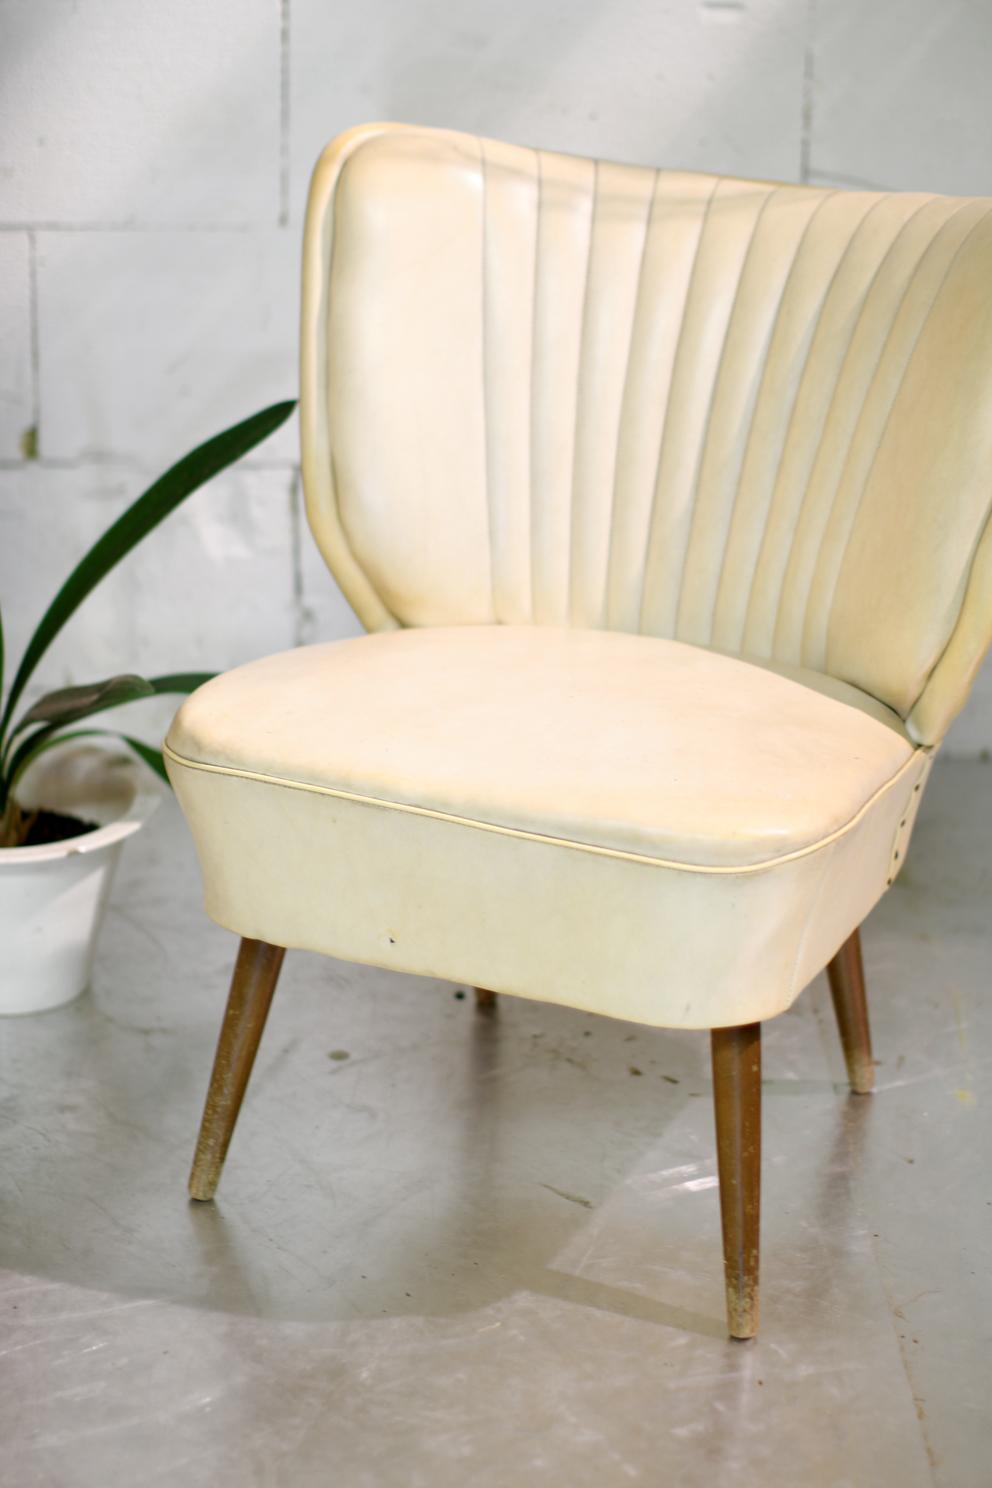 retro vintage cocktail fauteuil jaren 60 creme wit dehuiszwaluw. Black Bedroom Furniture Sets. Home Design Ideas